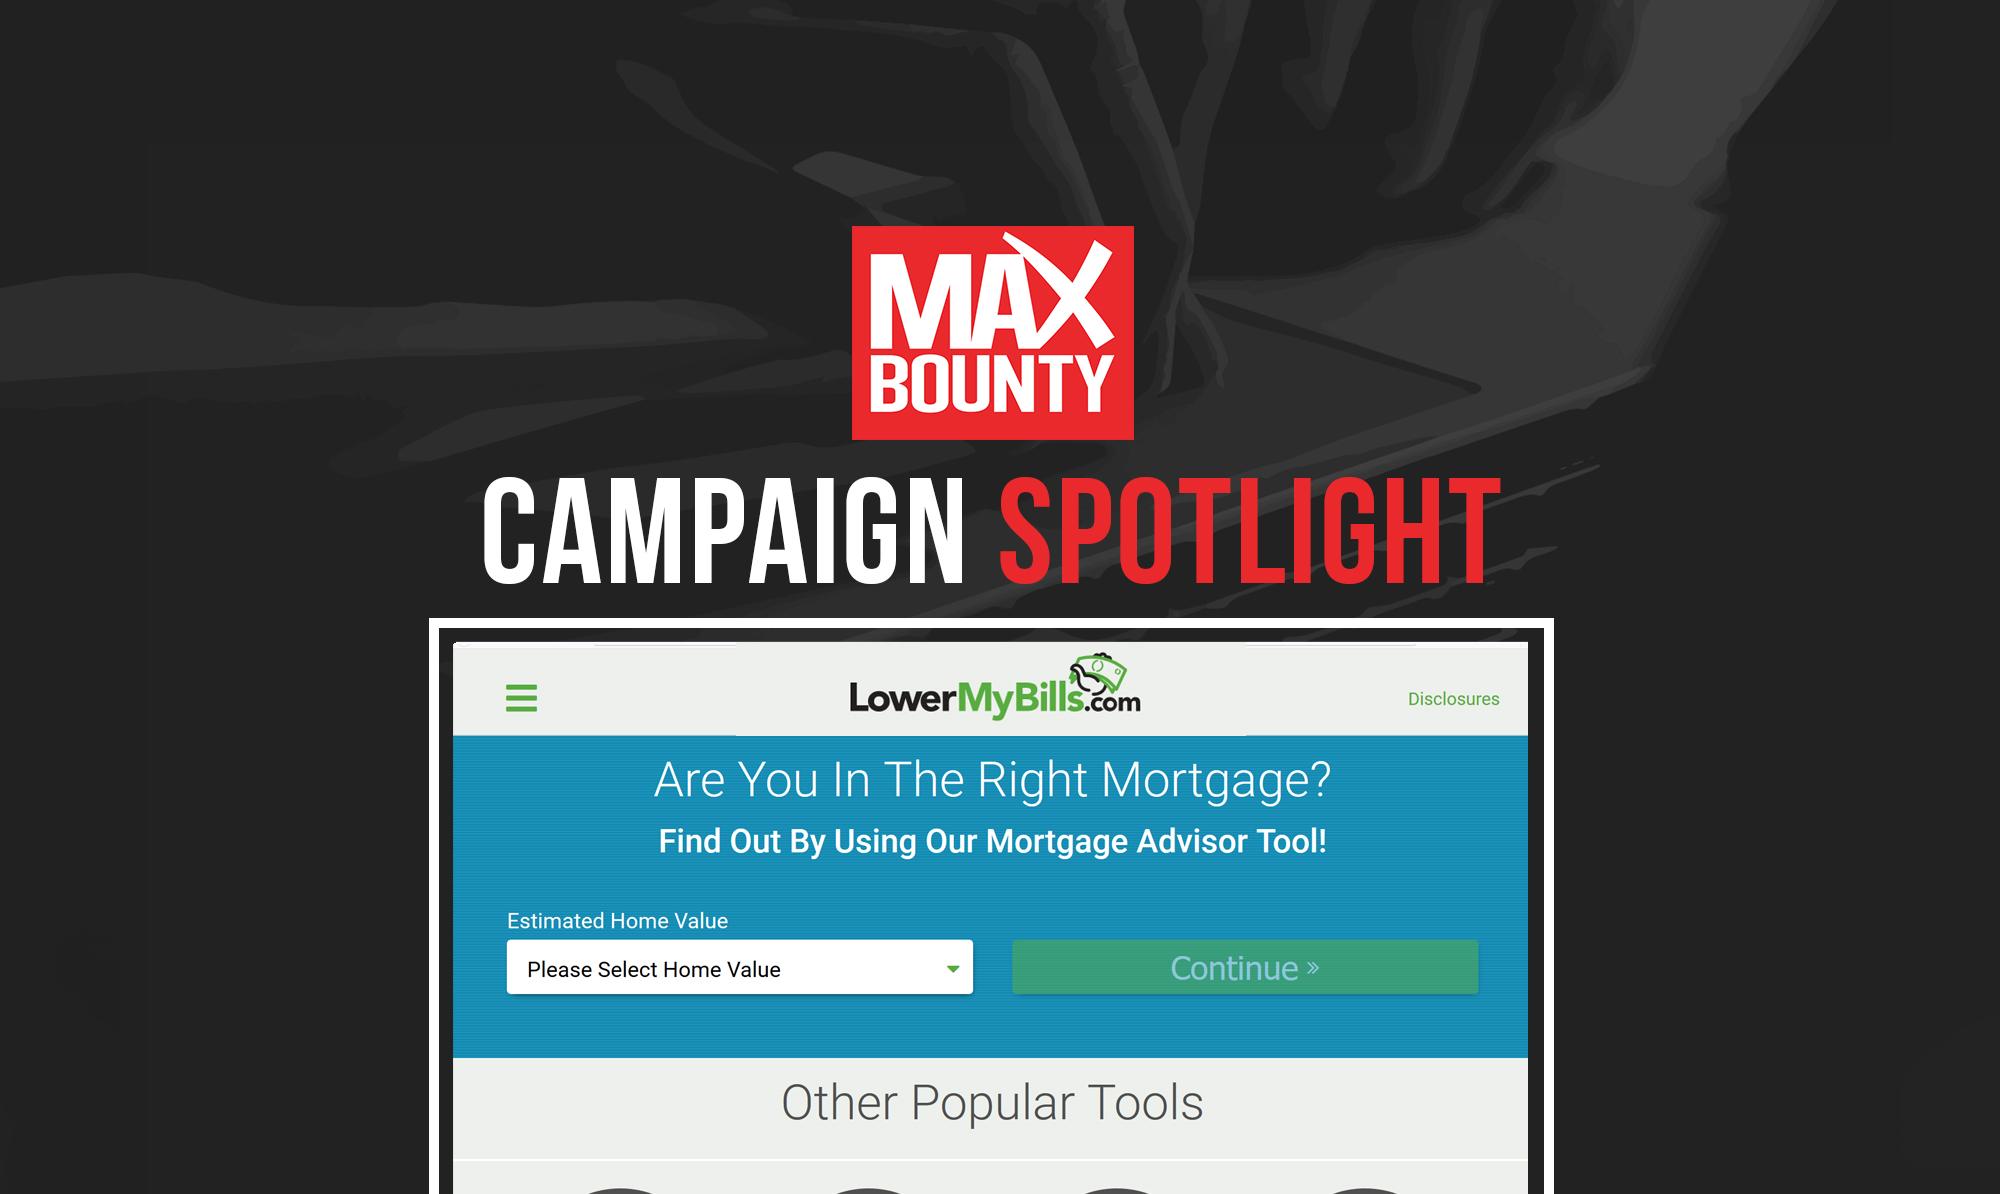 Campaign Spotlight: LowerMyBills.com ($19 CPA)